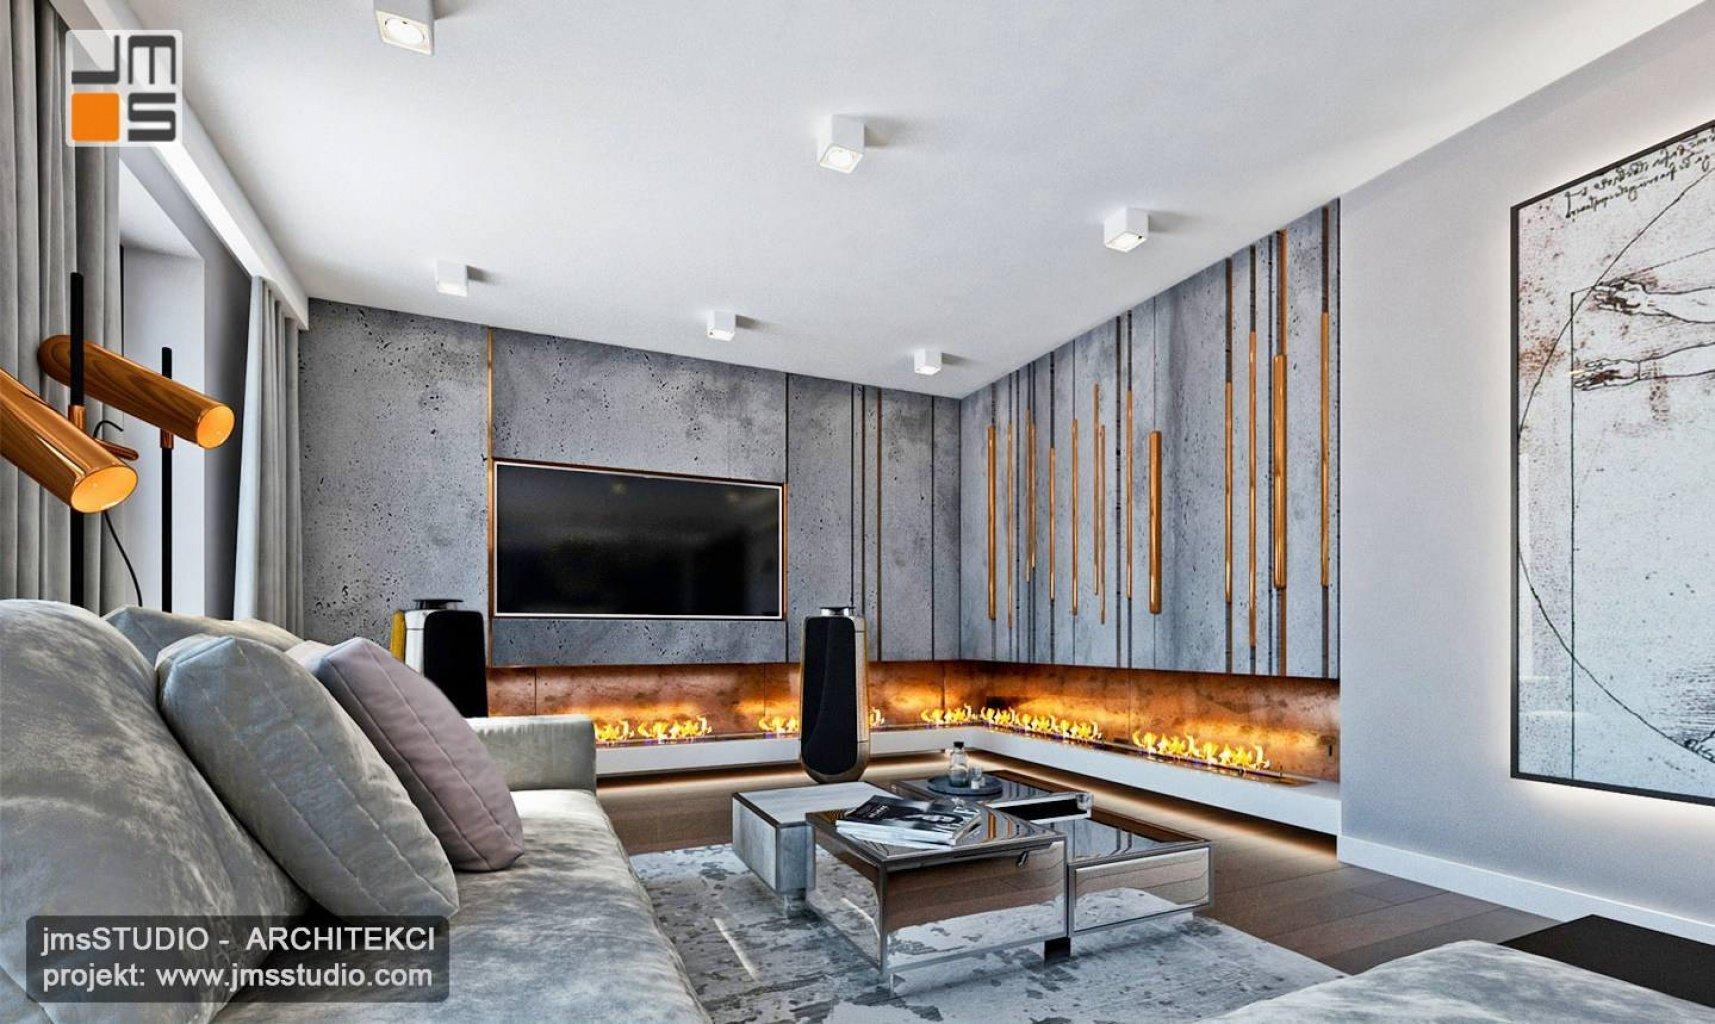 Projekt wnętrz salonu z kominkiem Planica betonem architektonicznym i dekoracjami z miedź we wnętrzu mieszkania w Kraków